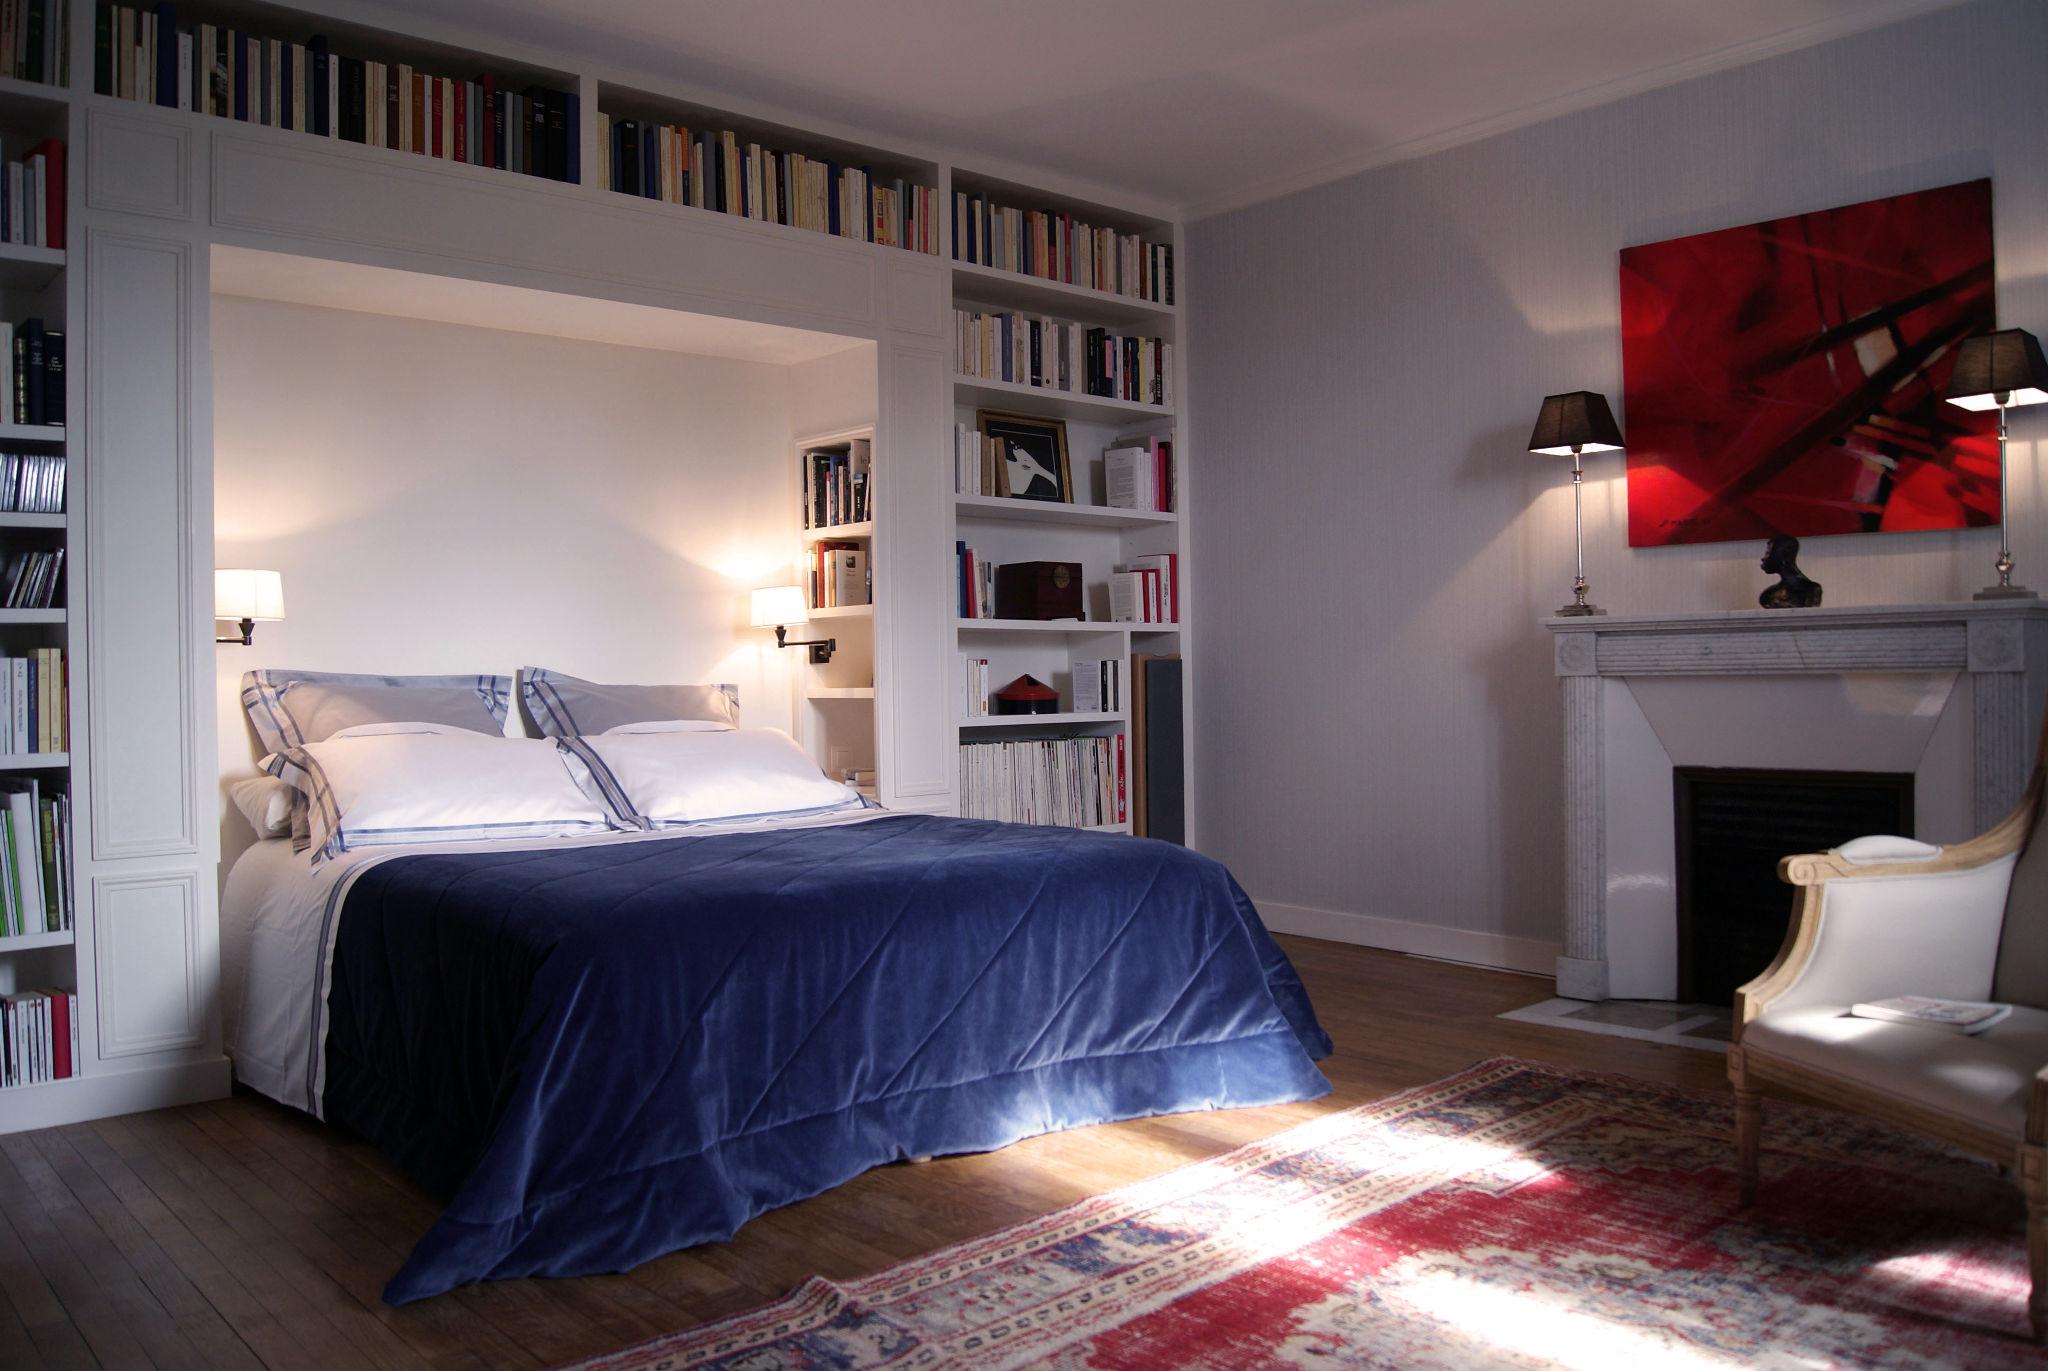 Suite parentale - Lit double, bibliothèque, cheminée et lampes artisanales